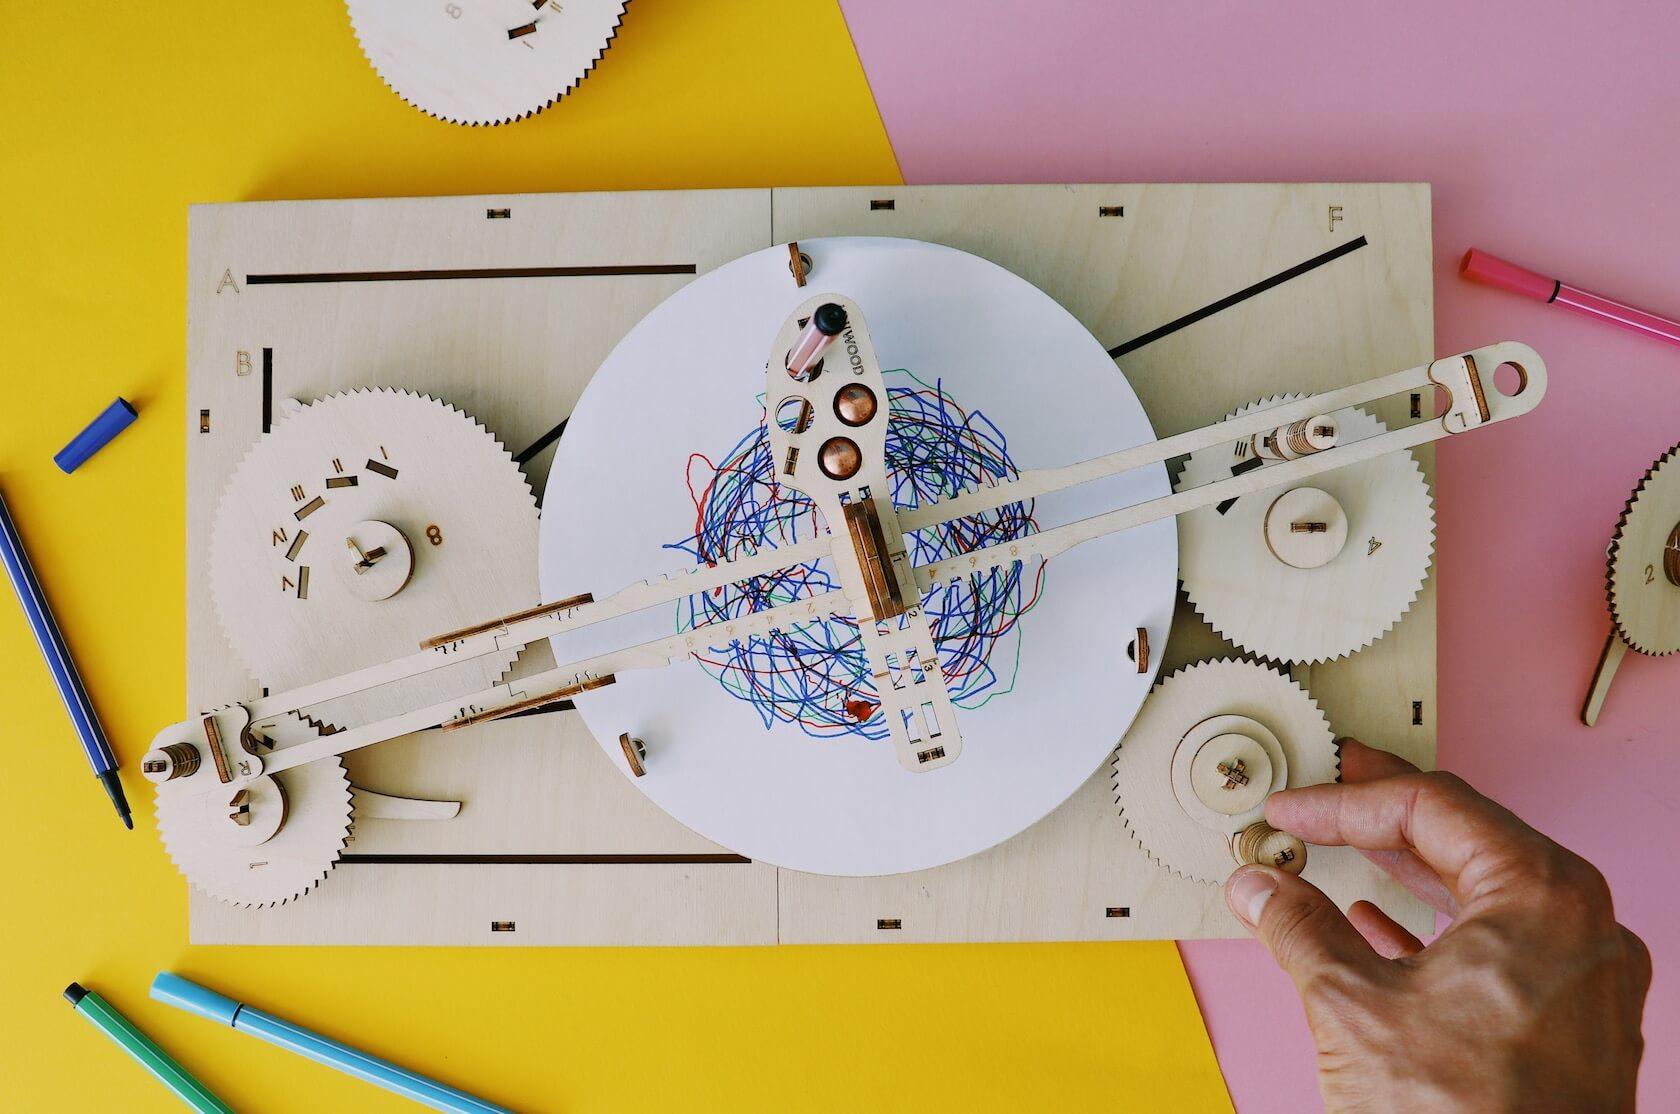 История от первого лица: Наш стартап по разработке и изготовлению детских конструкторов из фанеры - 4